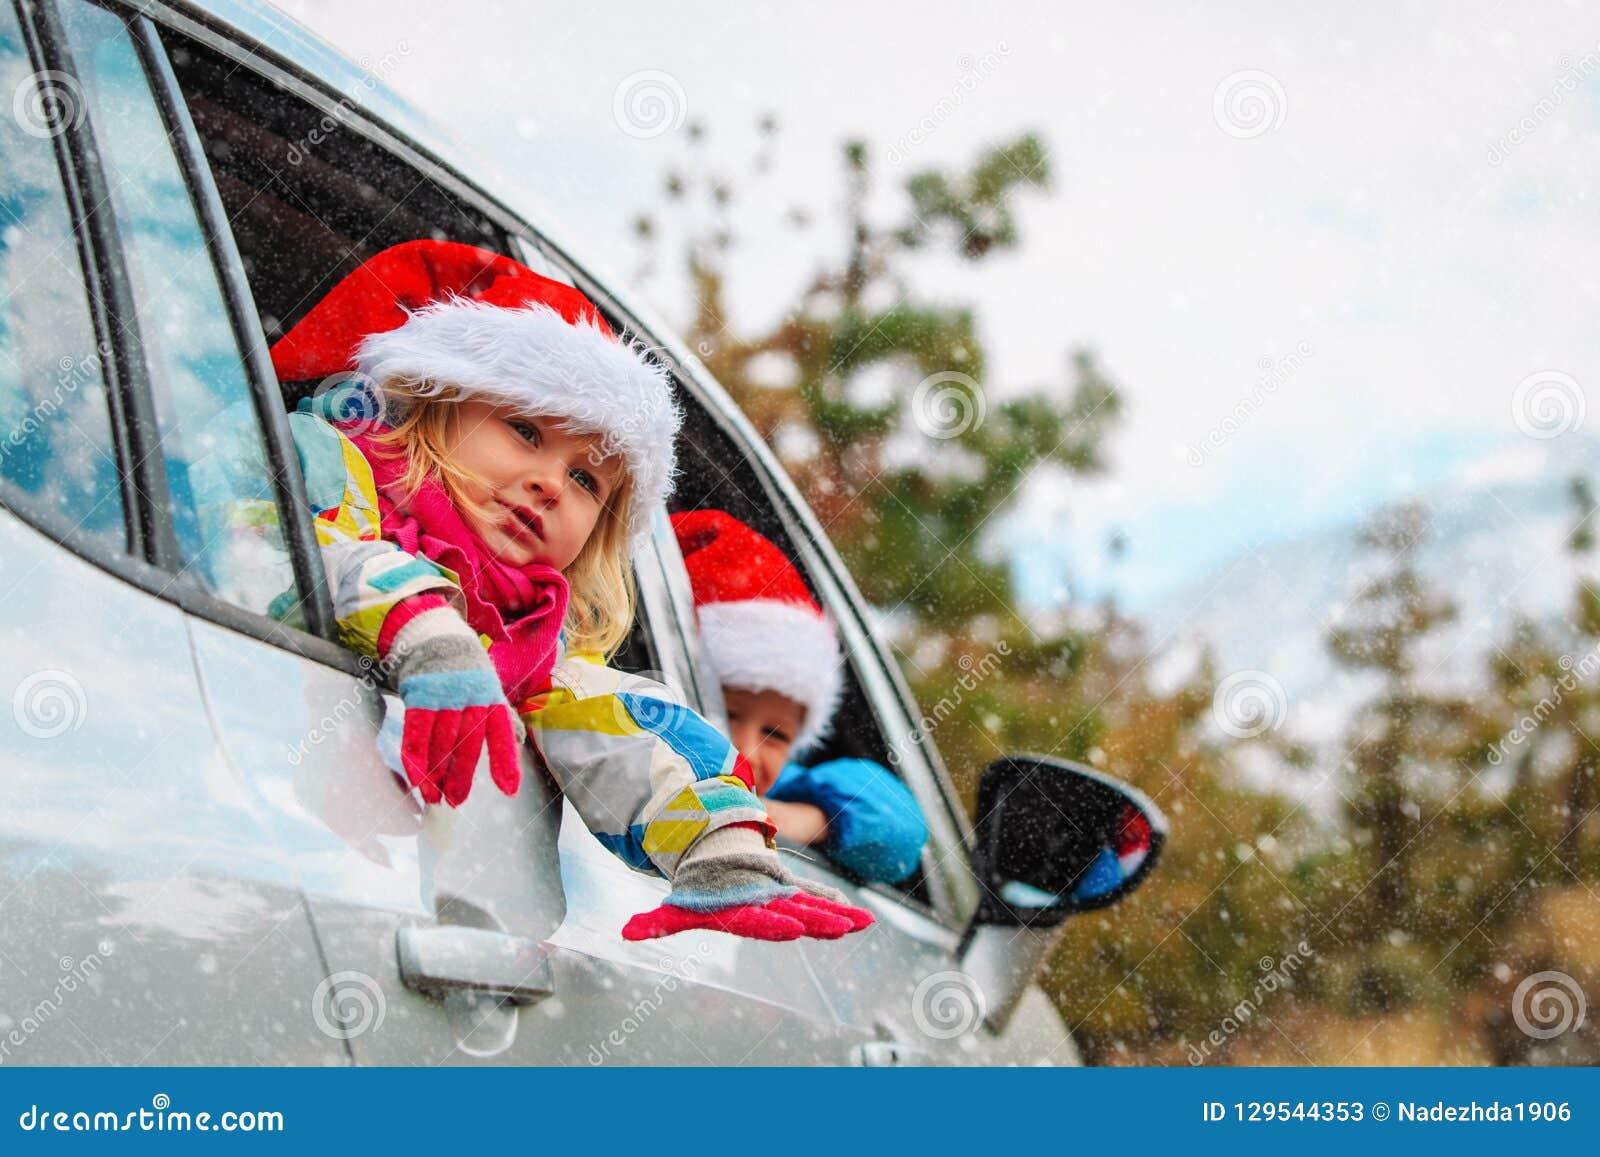 Bożenarodzeniowej samochodowej podróży szczęśliwi dzieciaki podróżują w zimie